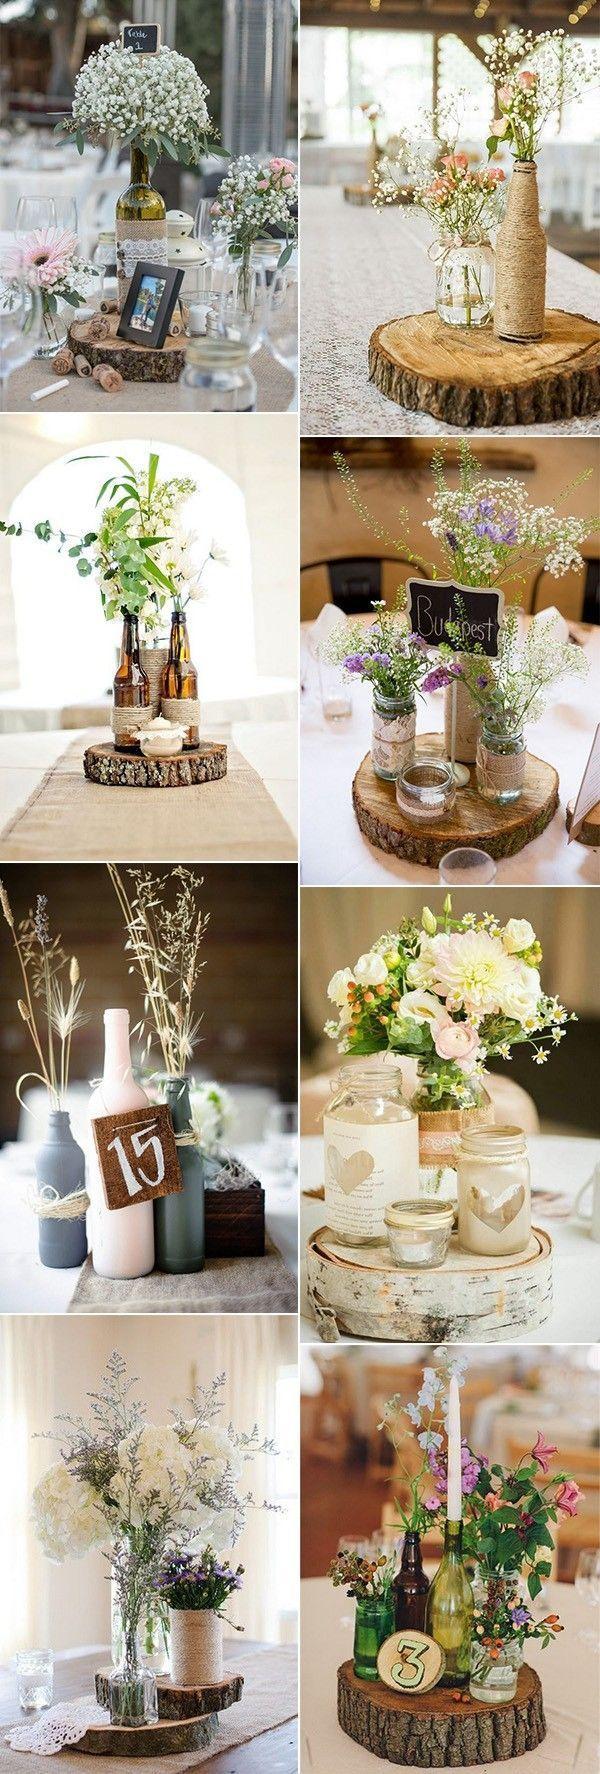 ideas elegantes de la boda de las botellas de vino rústicas #weddingideas #weddingd … – vestido de novia